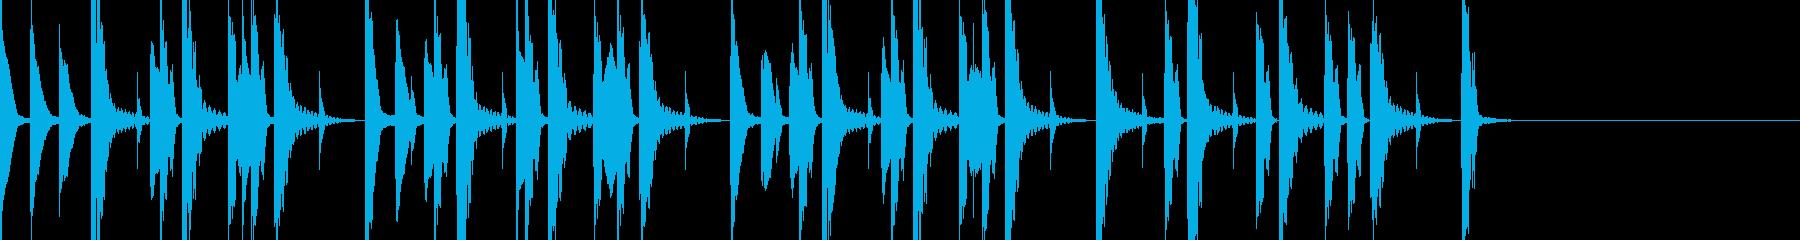 ほのぼの ジングルの再生済みの波形